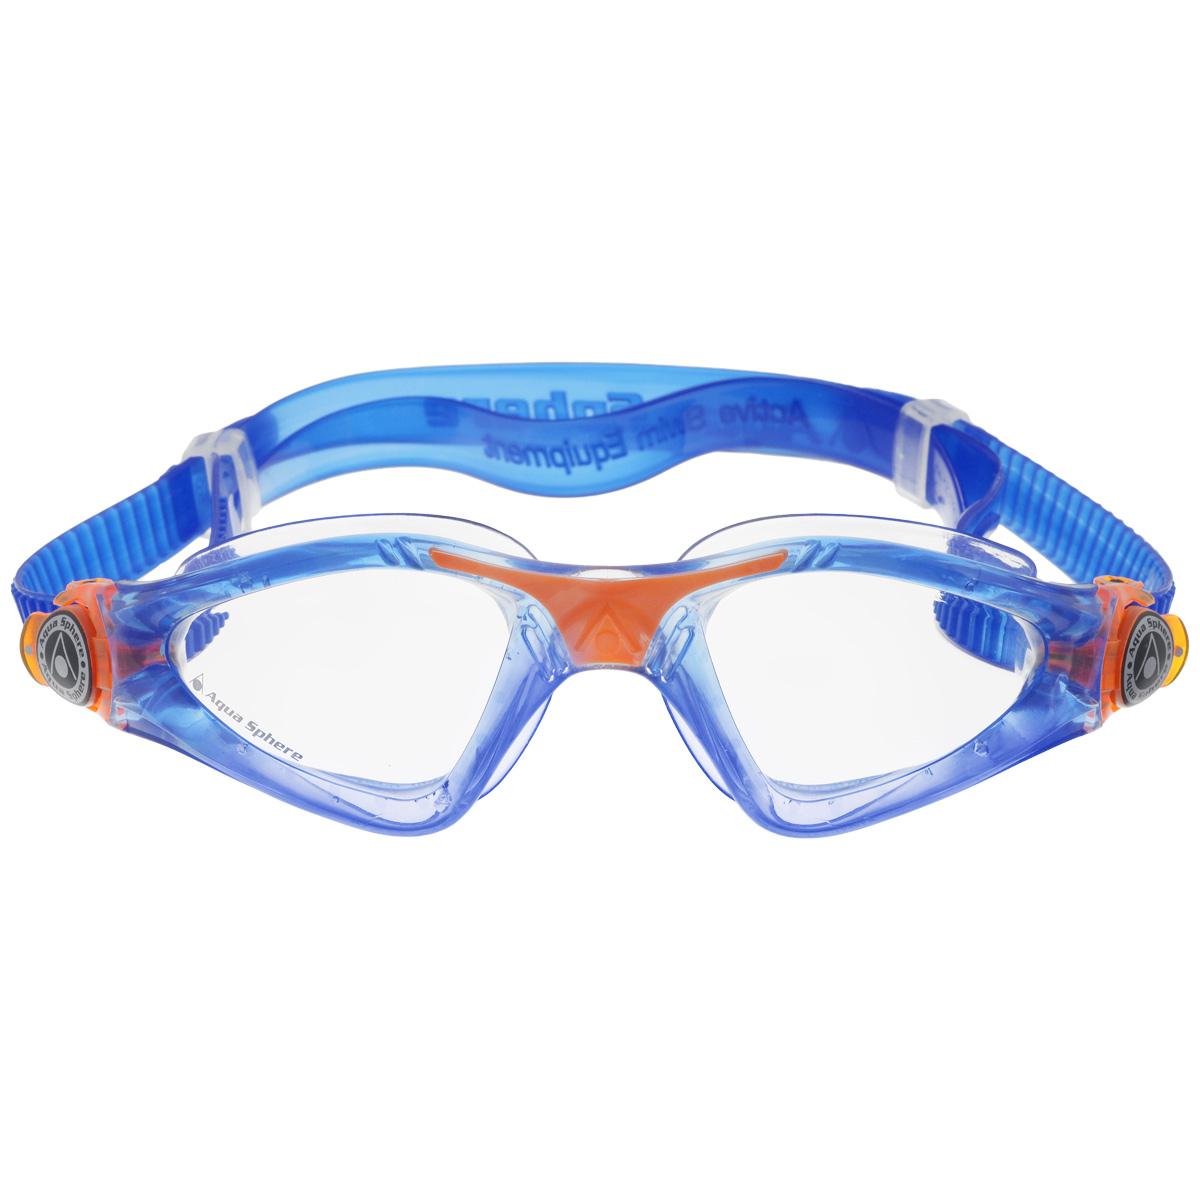 Очки для плавания Aqua Sphere Kayenne Junior, цвет: синий, оранжевыйTN 170970Детские очки для плавания Aqua Sphere Kayenne Junior идеально подходят для плавания в бассейне или открытой воде. Оснащены линзами с антизапотевающим покрытием, которые устойчивы к появлению царапин. Мягкий комфортный обтюратор плотно прилегает к лицу.Запатентованные изогнутые линзы дают прекрасный обзор на 180° - без искажений. Рамка имеет гидродинамическую форму. Очки оснащены удобными быстрорегулируемыми пряжками.Детский вариант популярных очков для плавания Kayenne, сохраняет все лучшее от взрослой модели:Мягкую не травмирующую обтюрацию.Увеличенную линзу.Удобную регулировку ремешков.Расцветка и дизайн обязательно понравятся вашему ребенку!Материал: софтерил, plexisol.